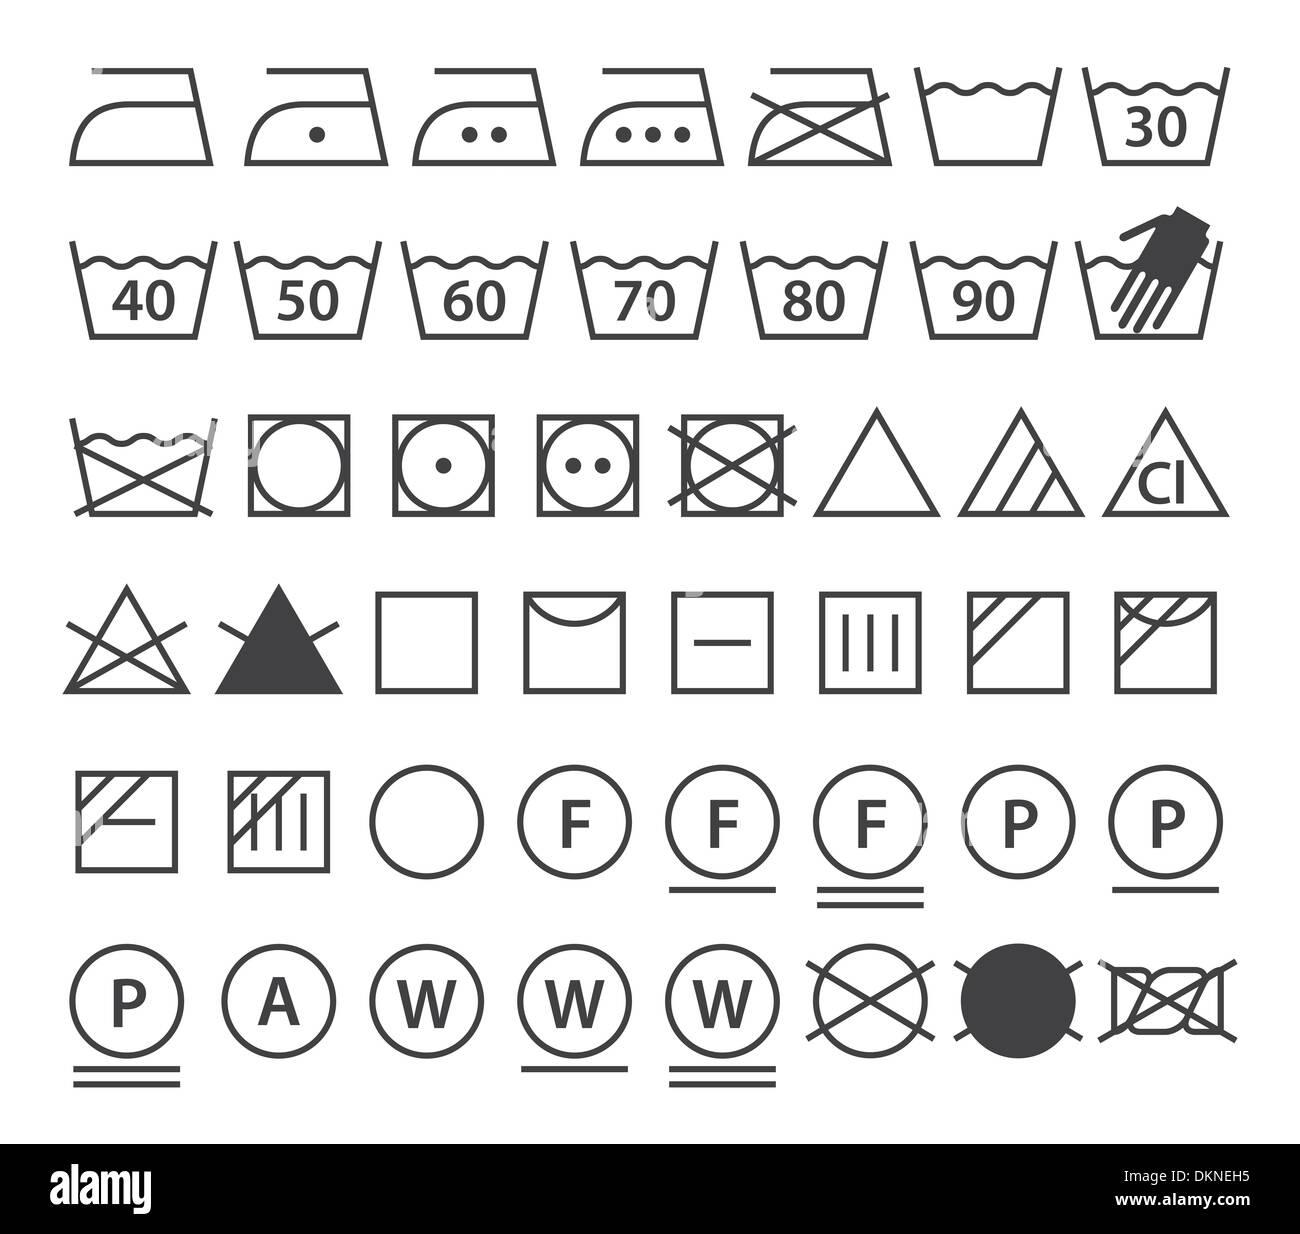 Set of washing symbols laundry icons isolated on white set of washing symbols laundry icons isolated on white background buycottarizona